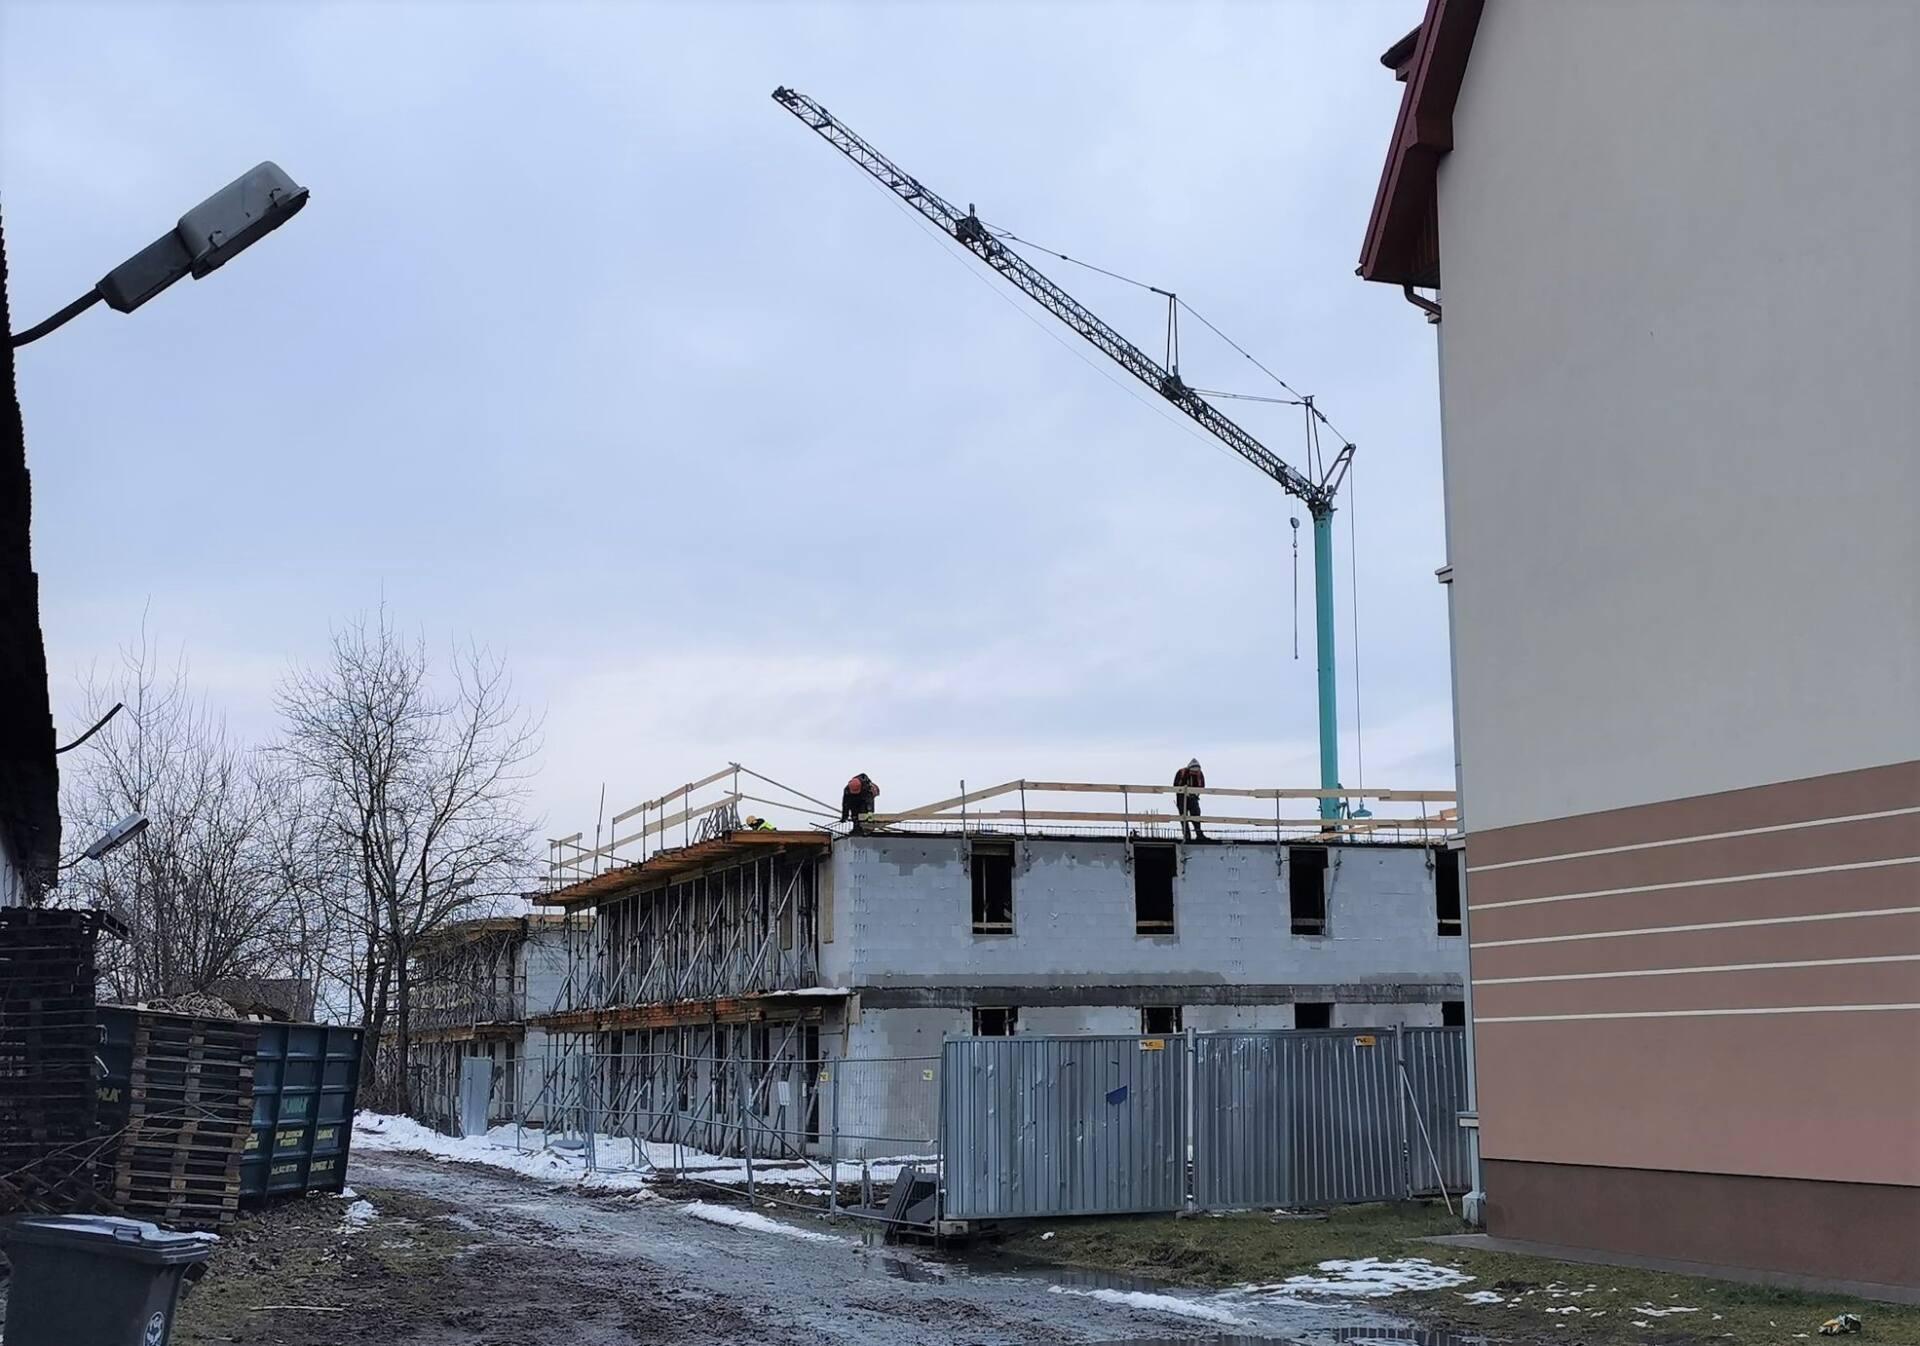 146014246 250061816700503 2629152103938876923 o ZAMOŚĆ: Będą nowe mieszkania. Budowa postępuje [ZDJĘCIA, PLANY MIESZKAŃ]